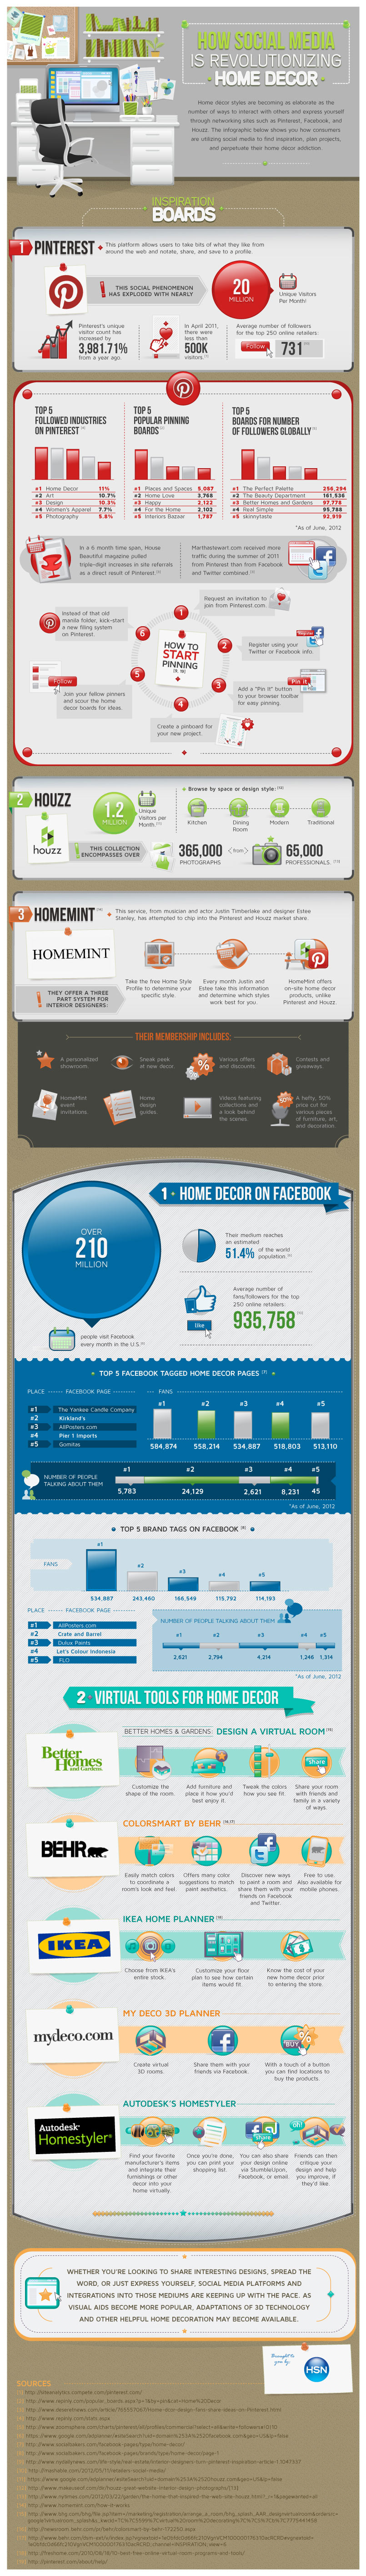 how-social-media-is-revolutionizing-home-decor_5033c767e3da6